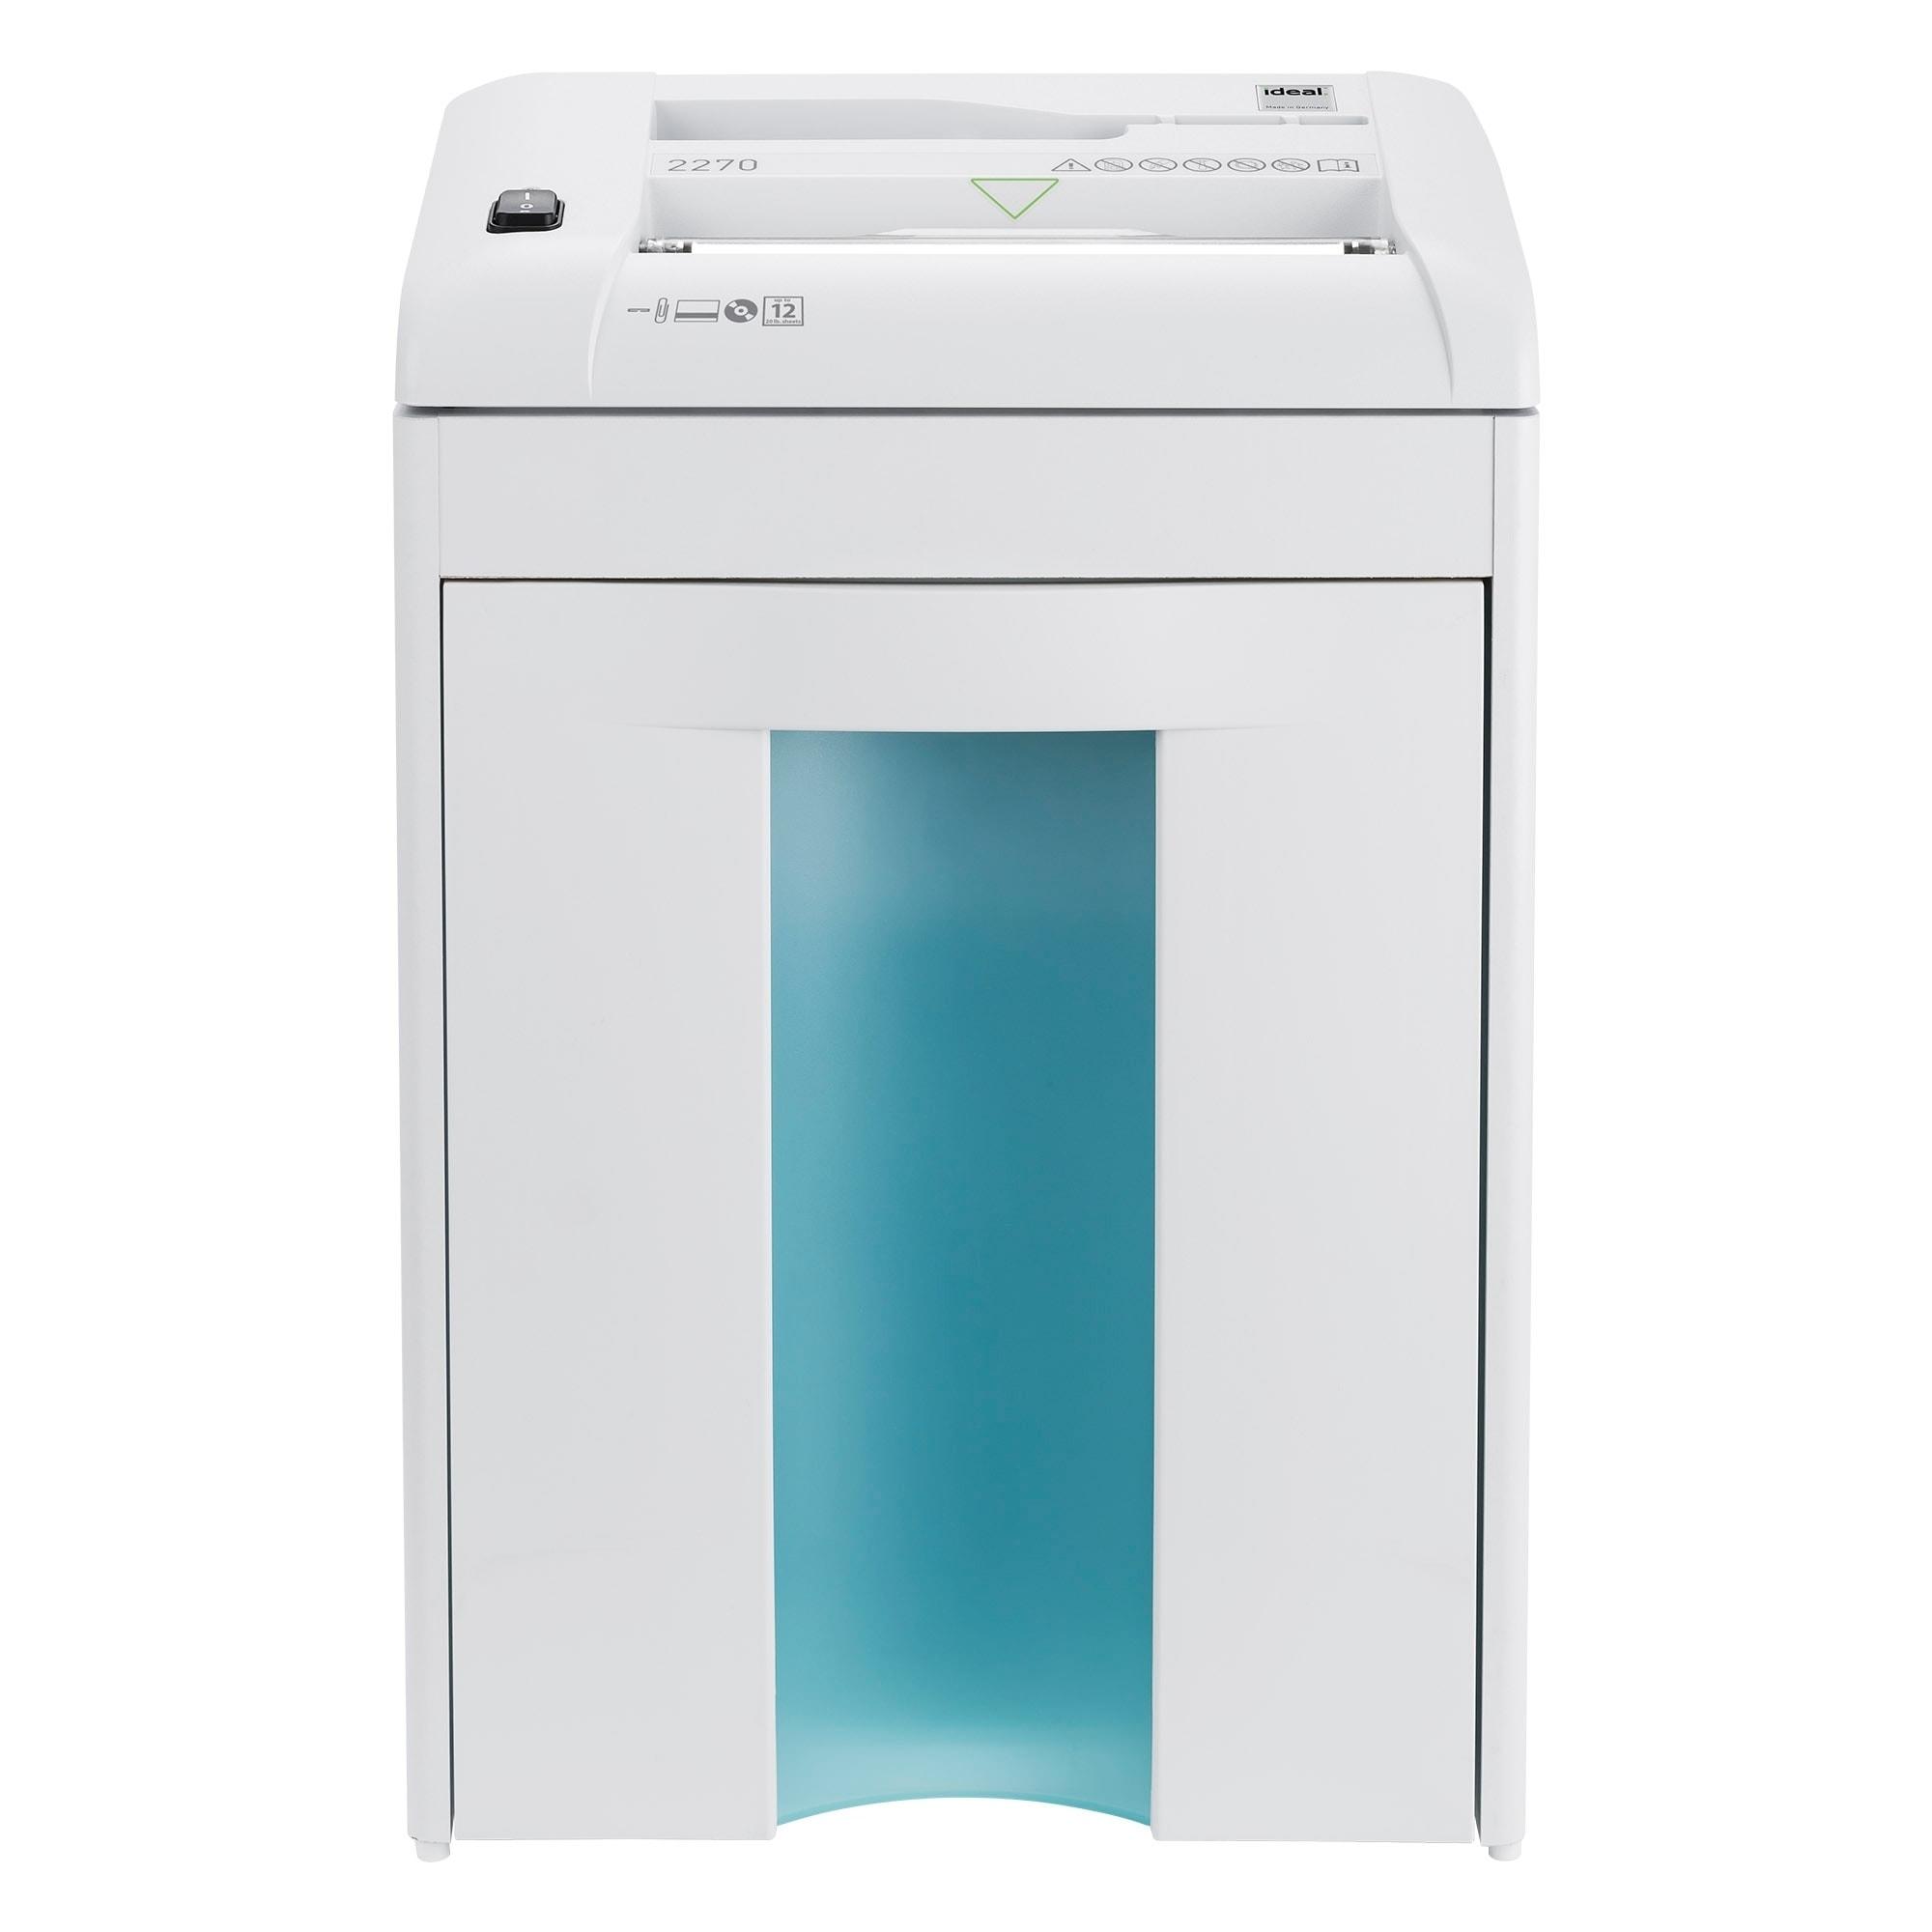 ideal. 2270 Strip-Cut Deskside Paper Shredder, White